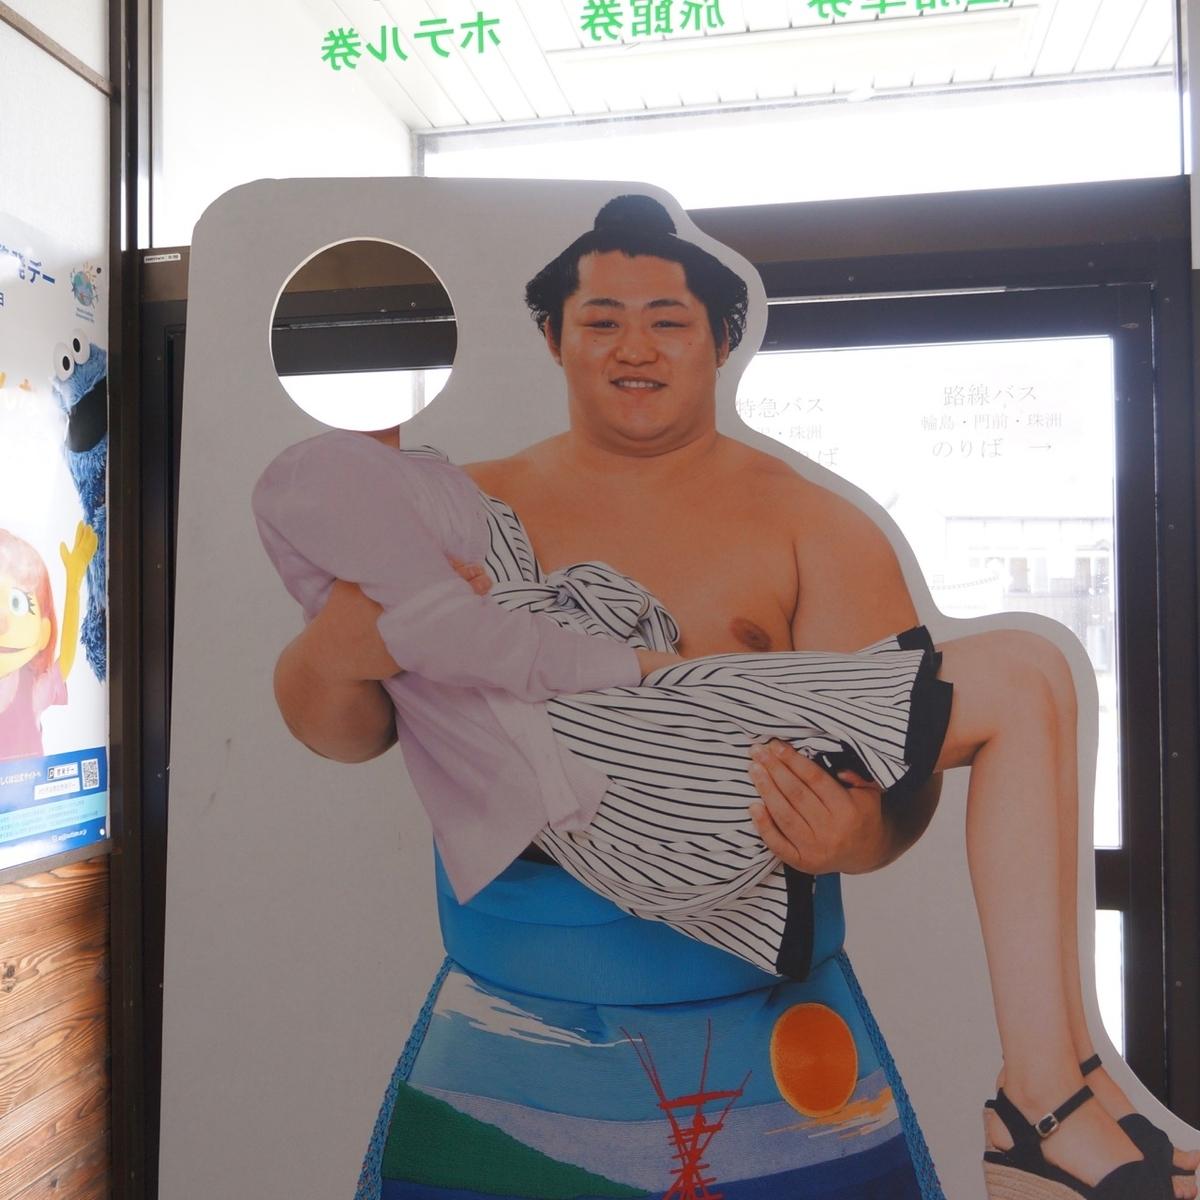 f:id:fukuitabi:20190407225234j:plain